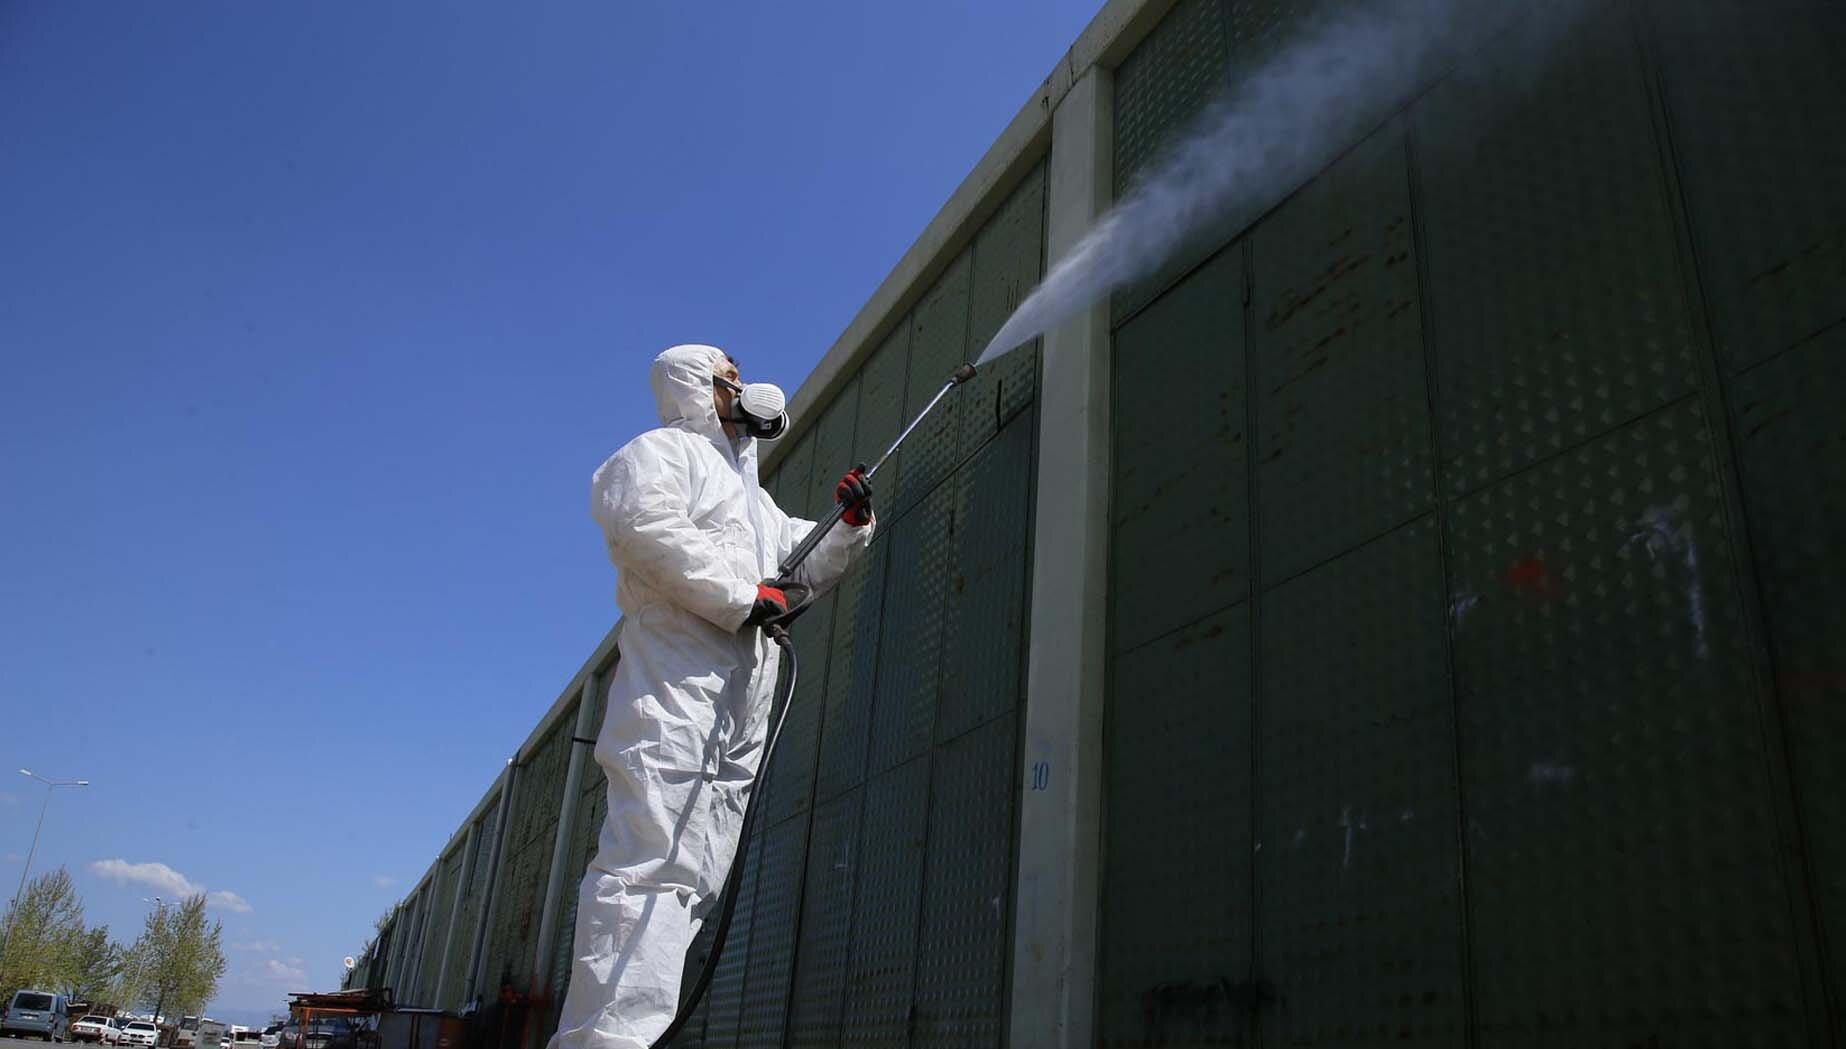 In Deutschland fehlen effektive Hygienekonzepte, um die Menschen vor einer Ansteckung und weitere Geschäfte vor der Schließung zu bewahren.